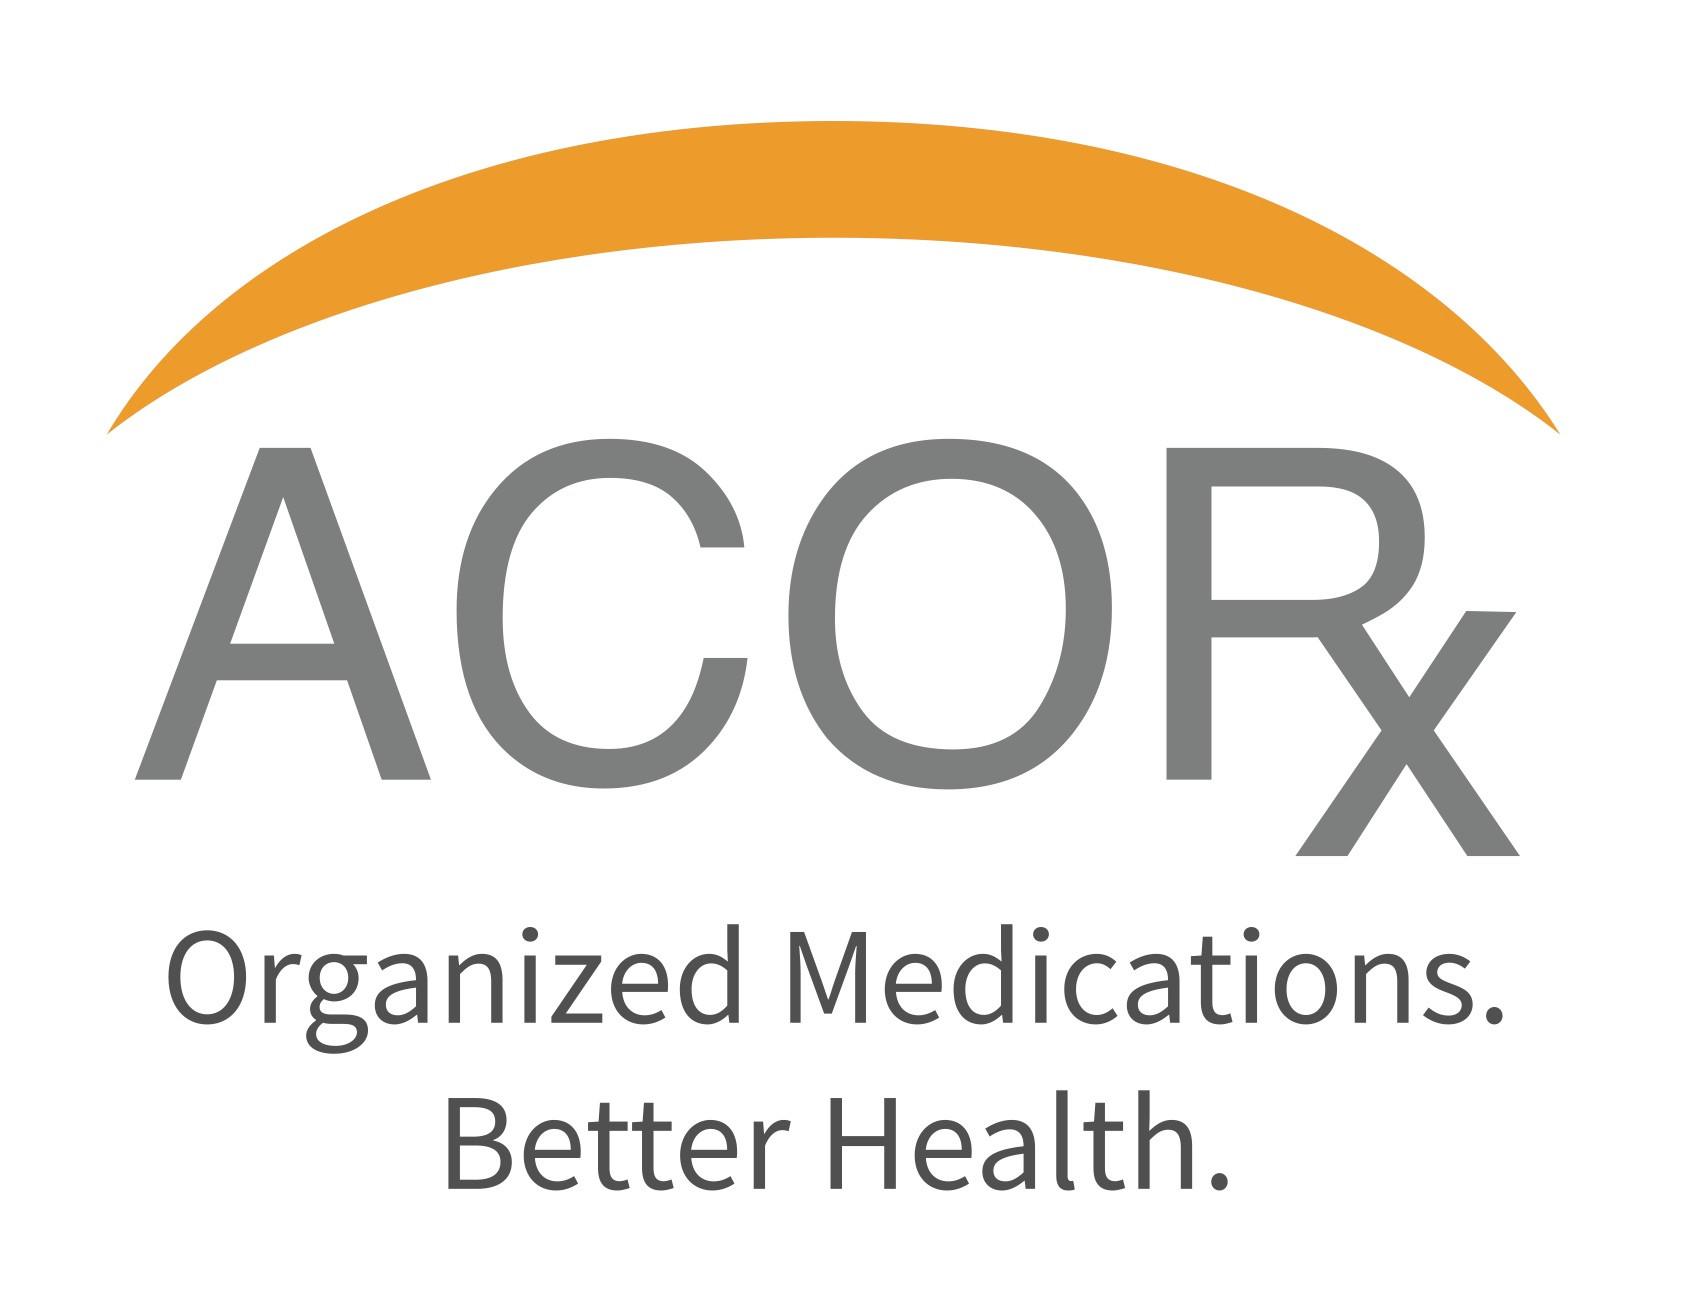 ACOrx